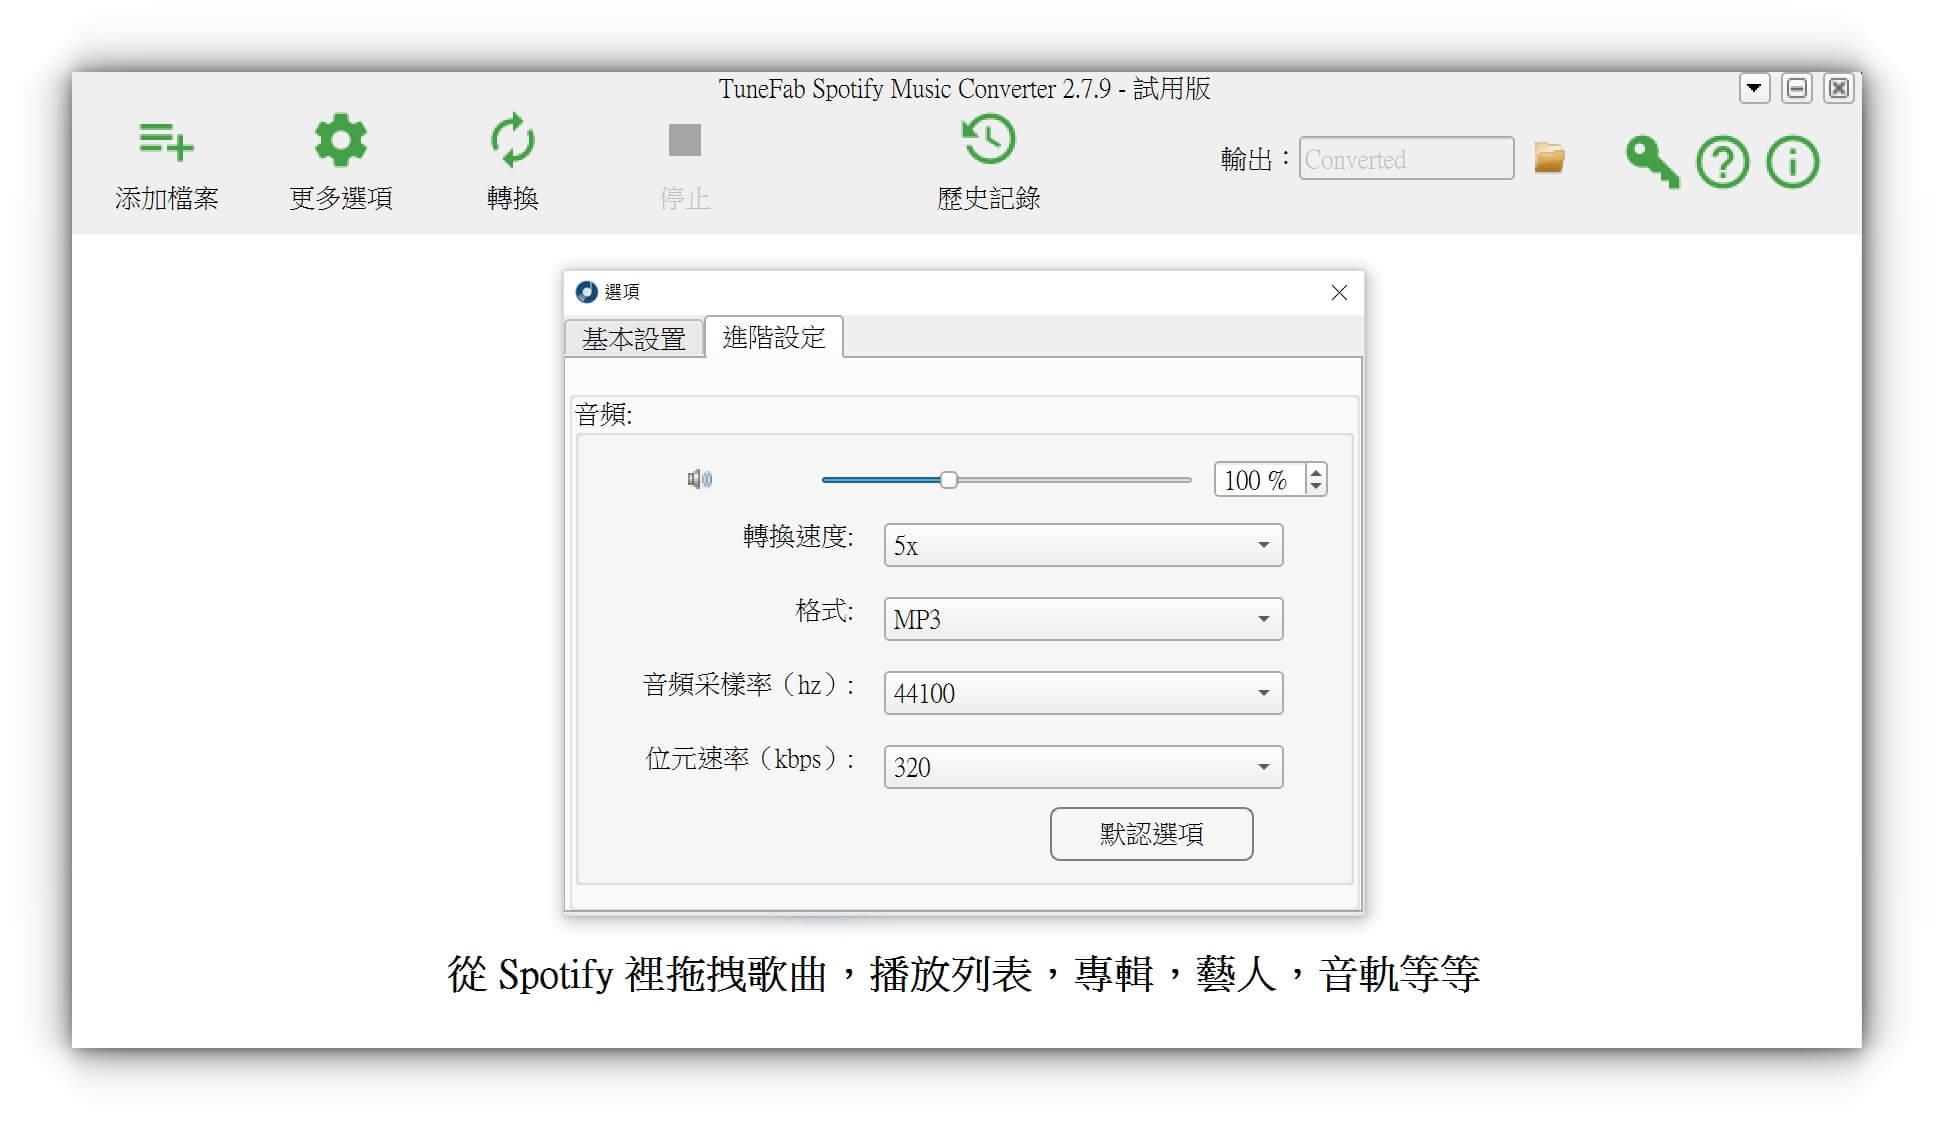 Windows 下載 Spotify 歌曲,TuneFab Spotify 音樂轉檔器 - 基本設定